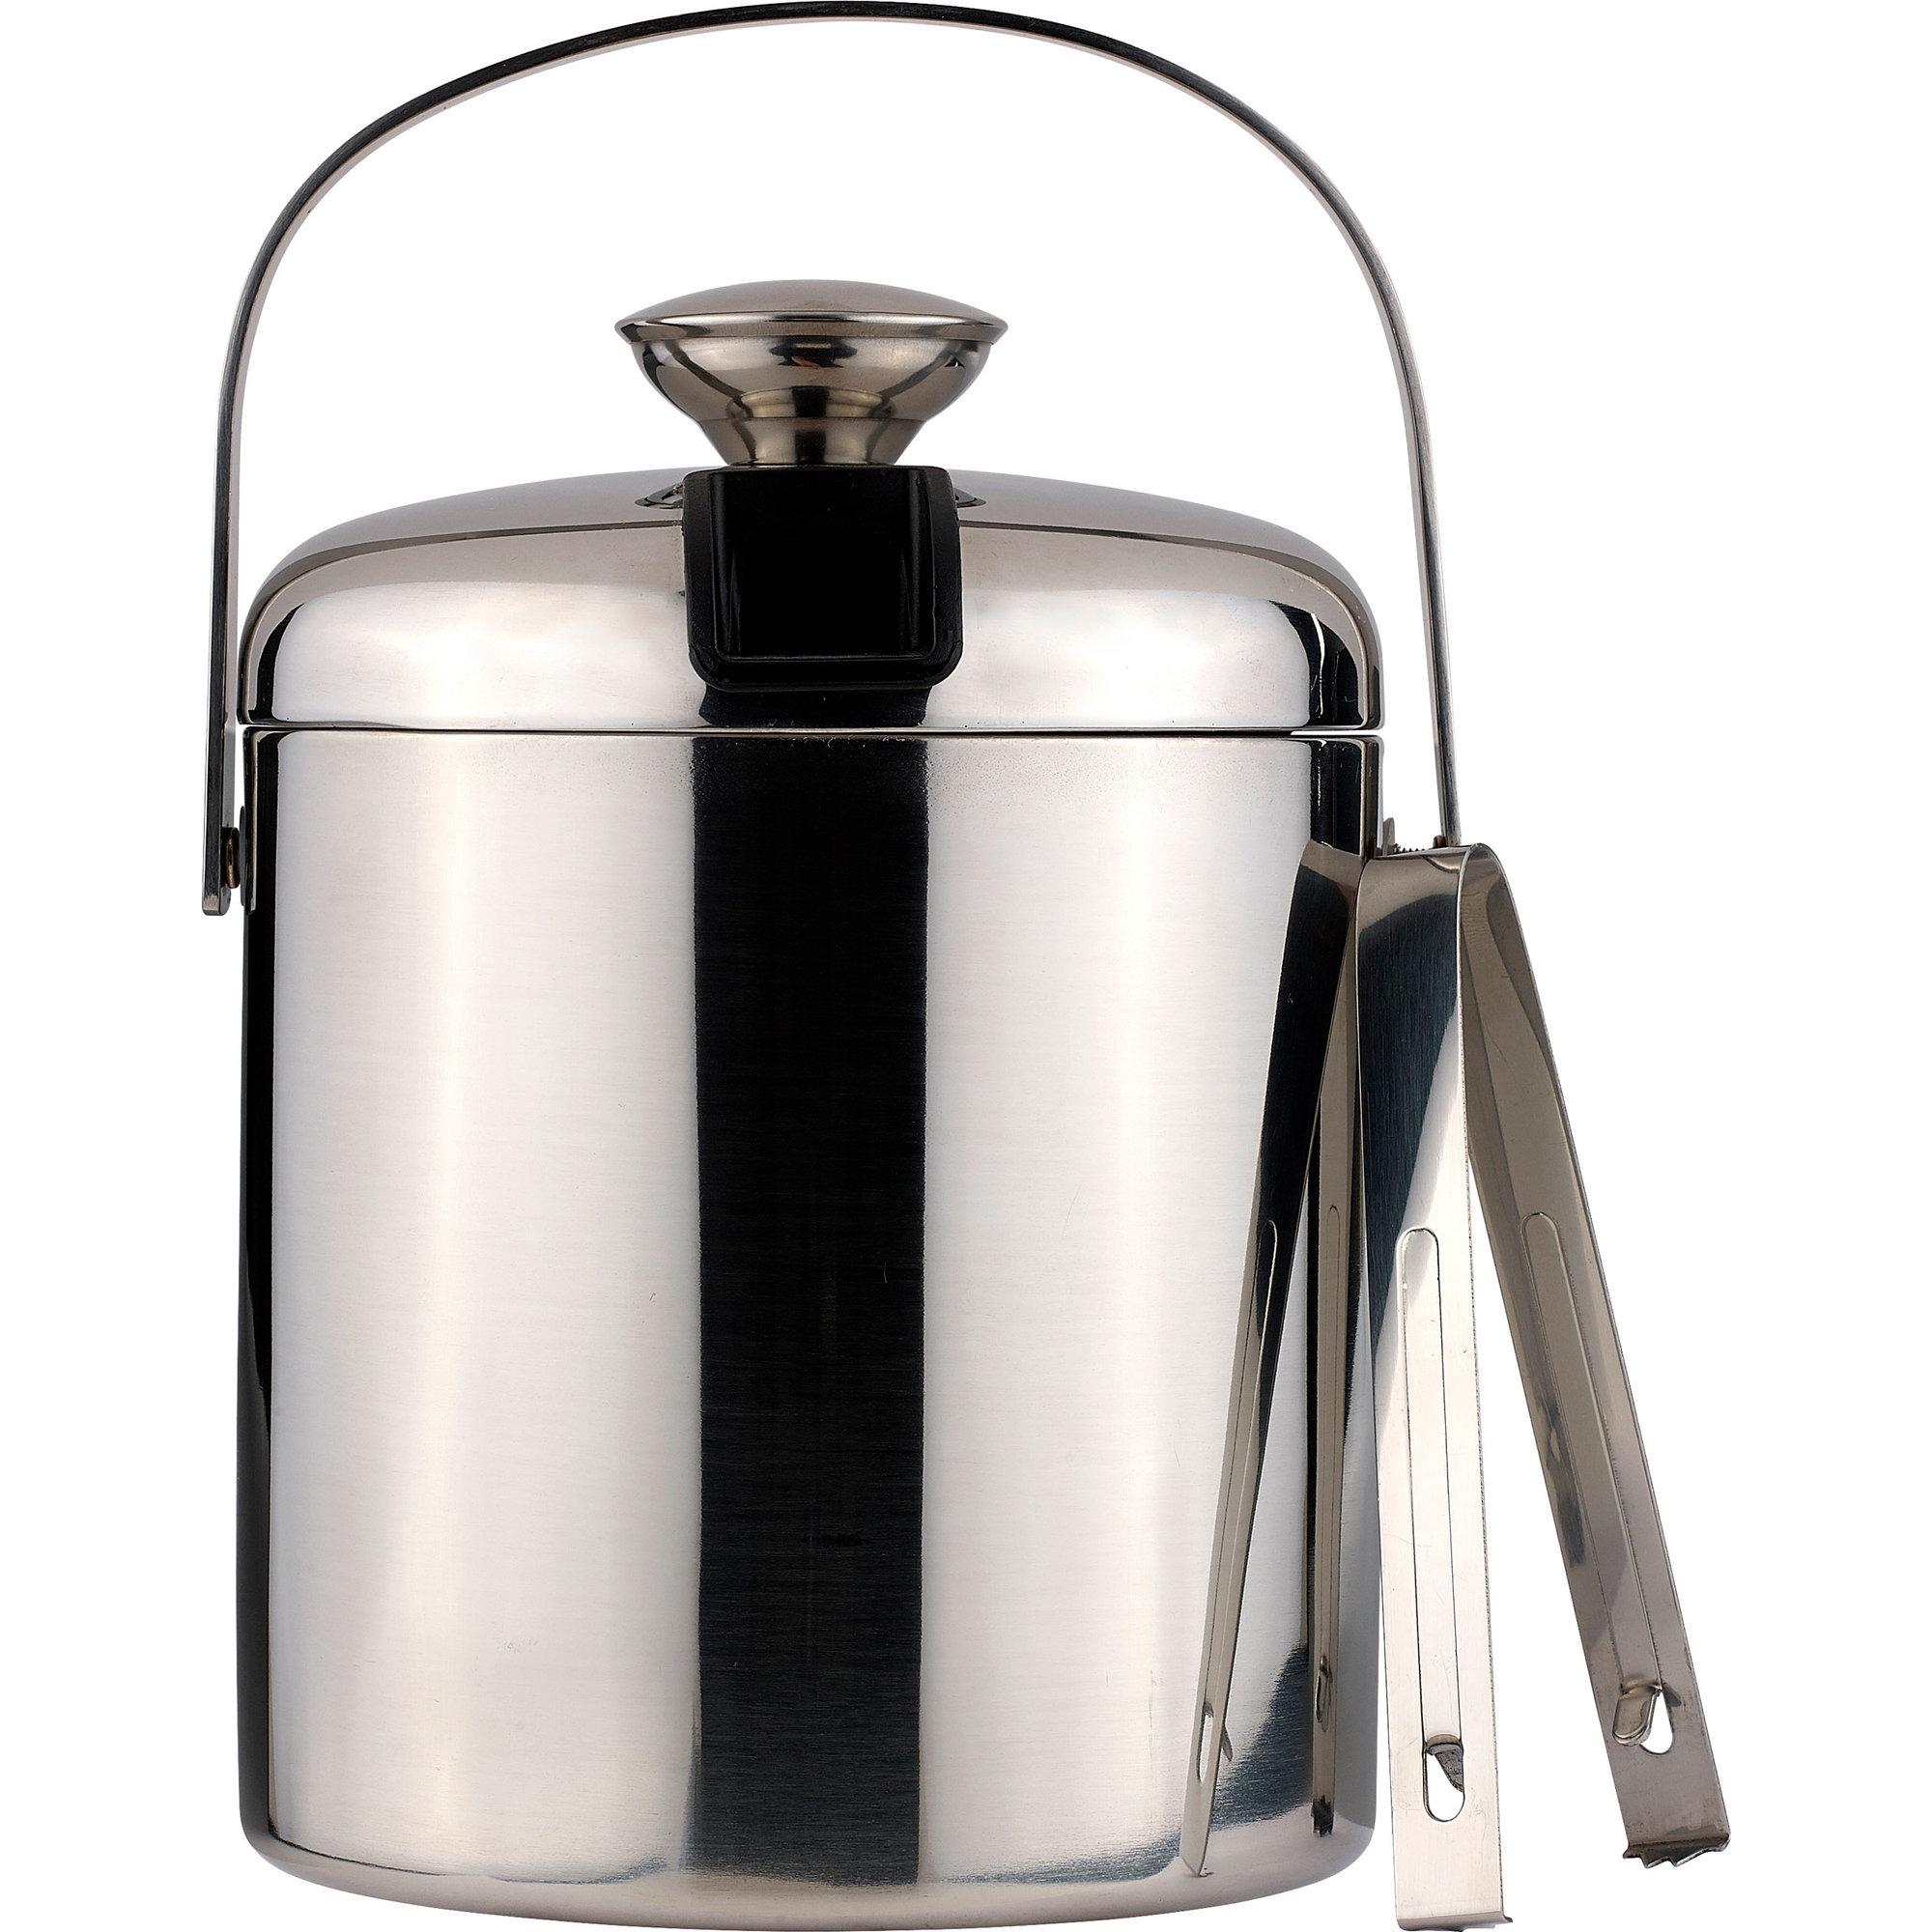 Funktion Ishink 14 liter